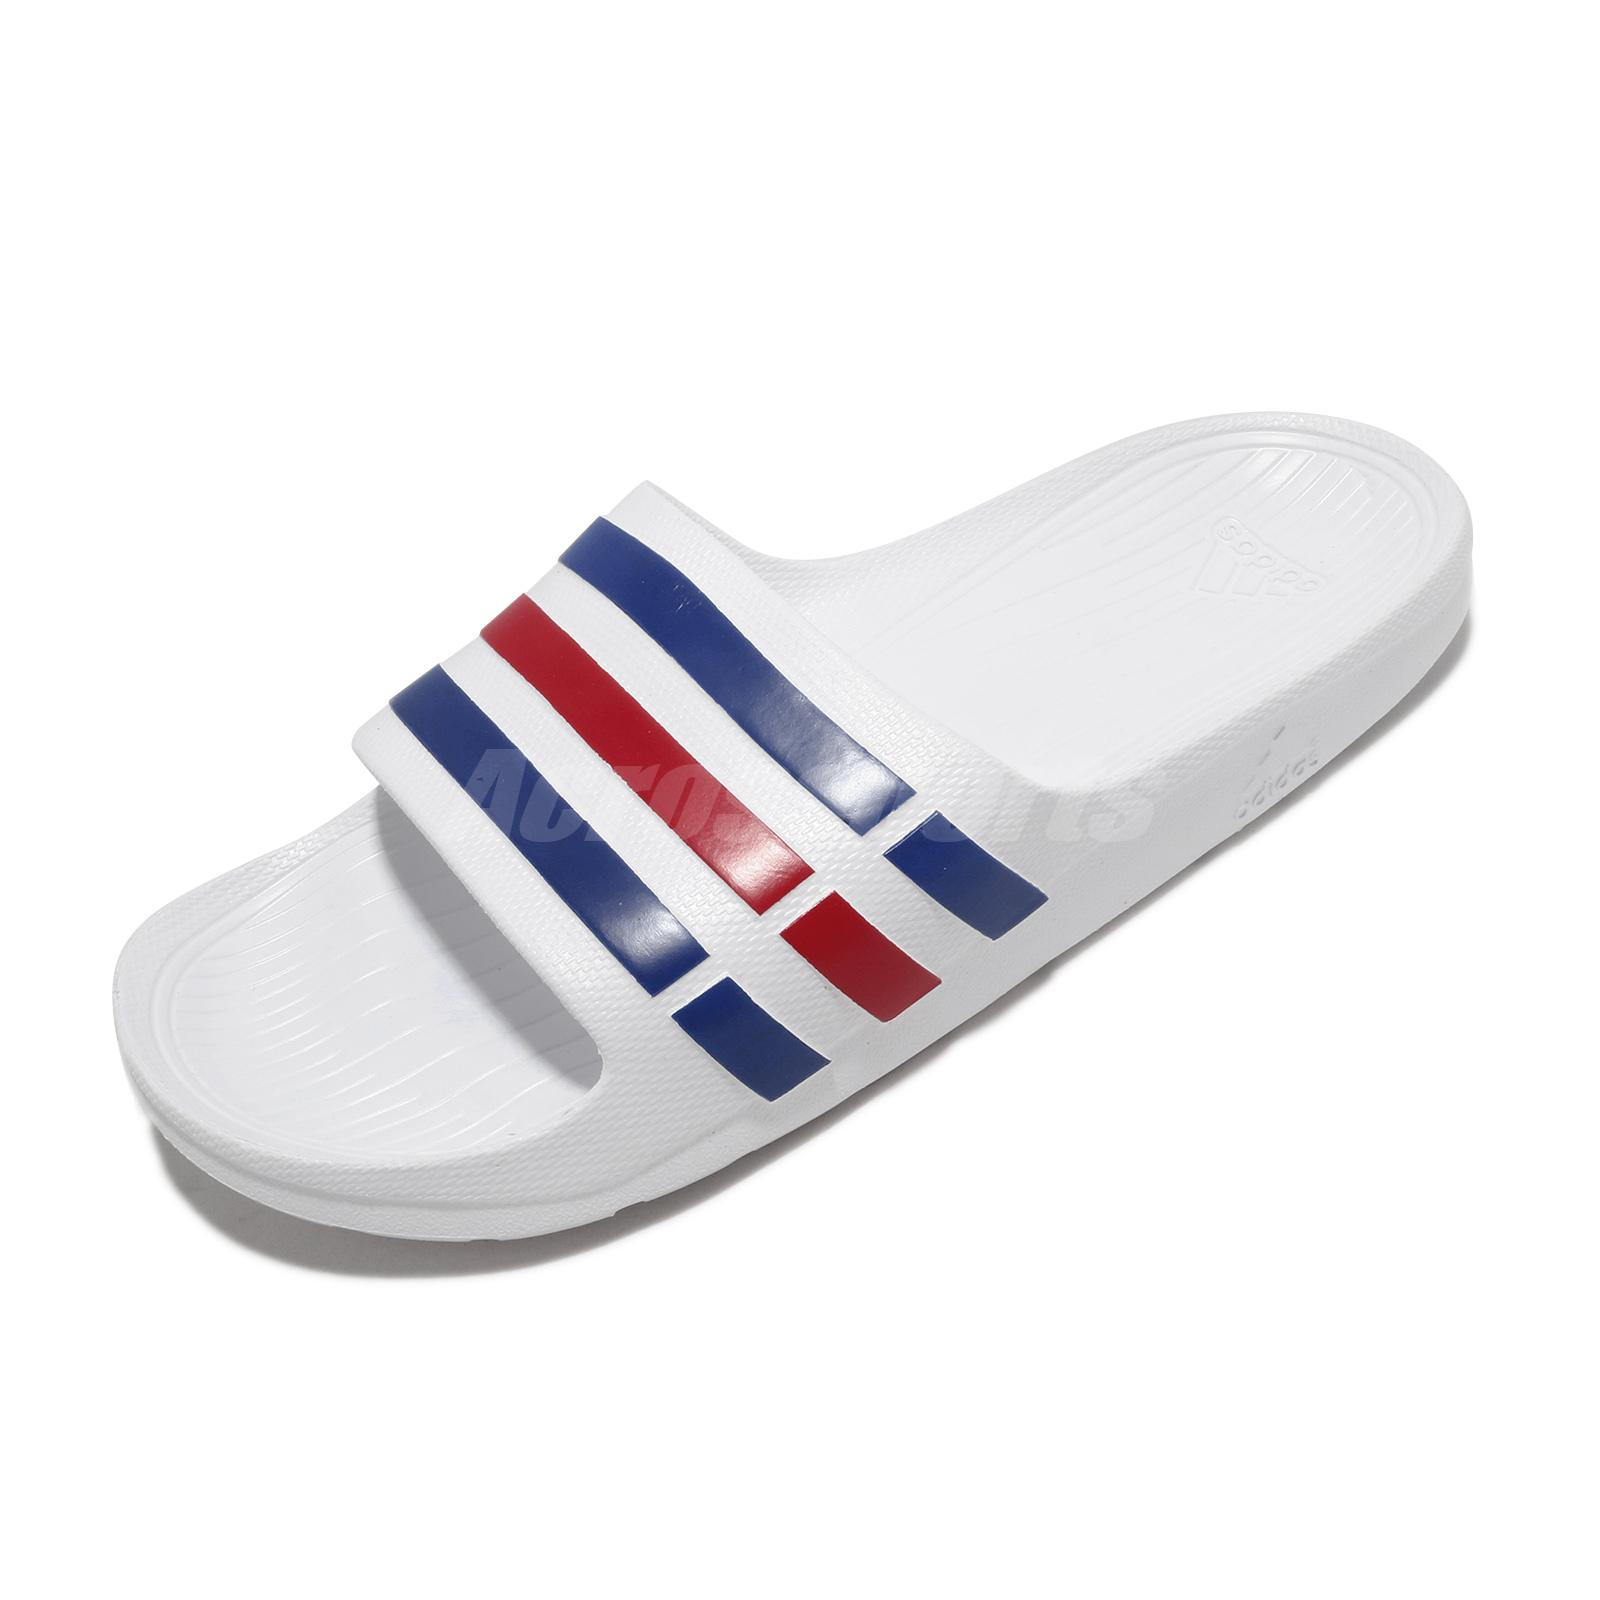 75dd31b07 adidas Duramo Slide White Blue Red Mens Womens Sports Slide Slippers U43664